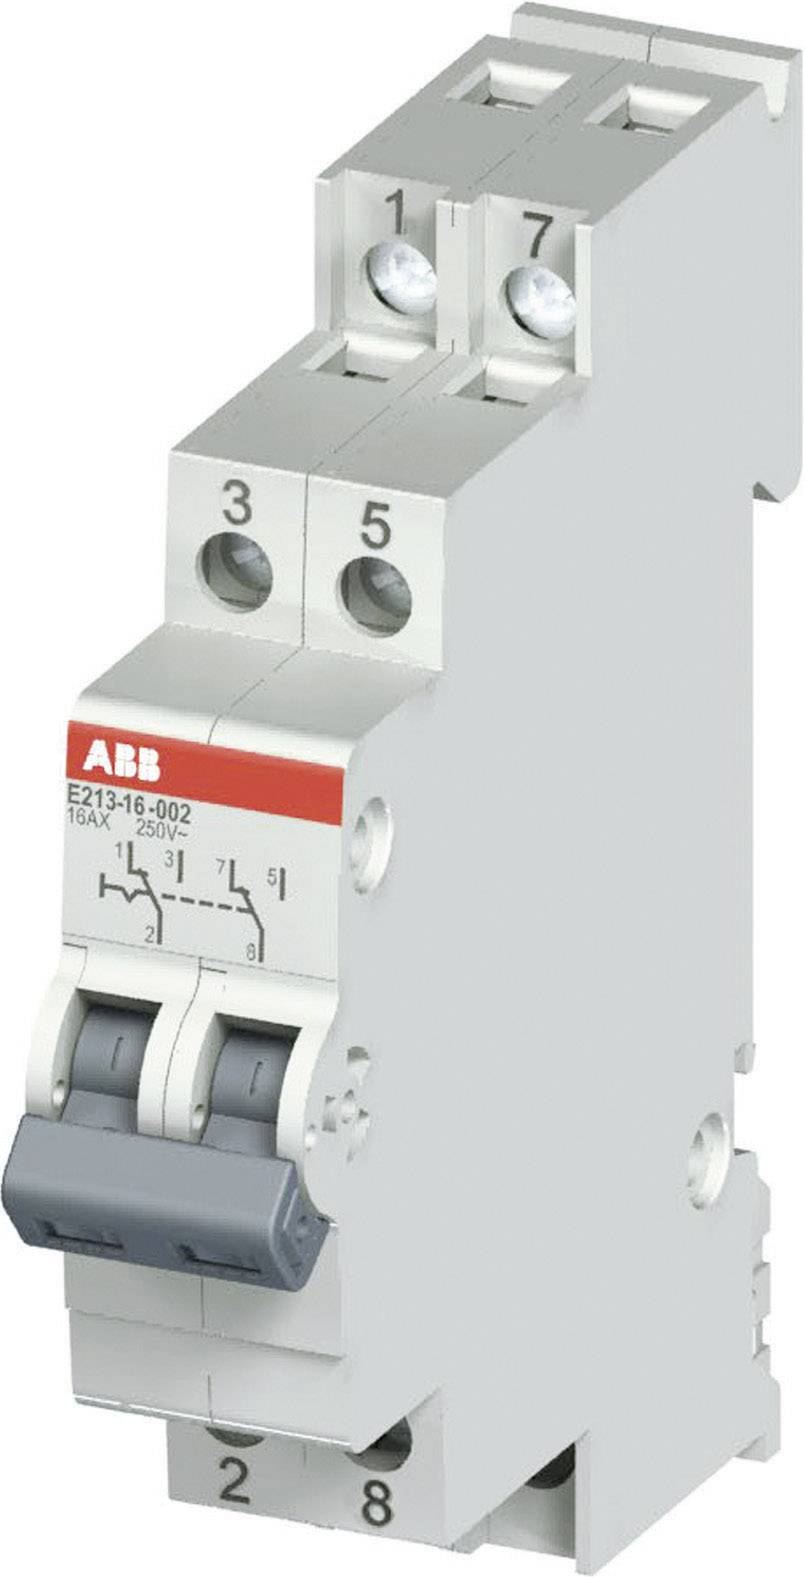 Vypínač na DIN lištu ABB E213 16A-002, 16 A, 250 V, 2 C/O, 2CCA703045R0001